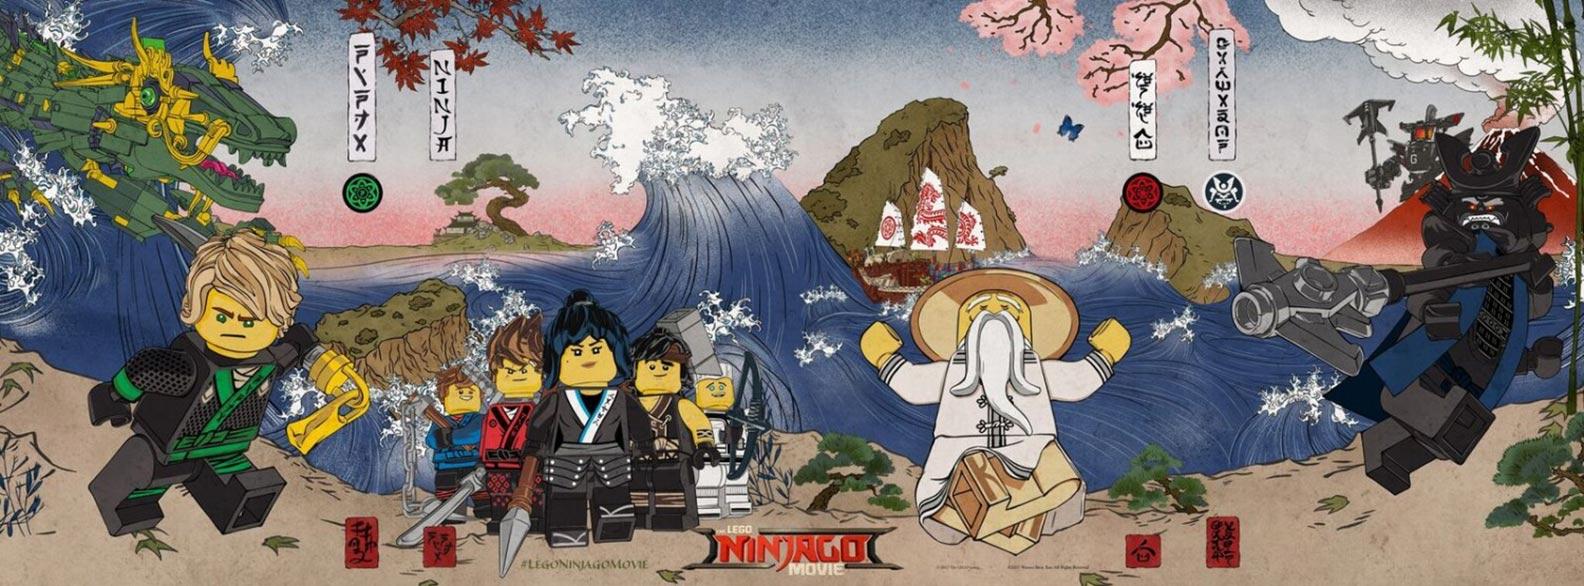 The Lego Ninjago Movie Poster #12